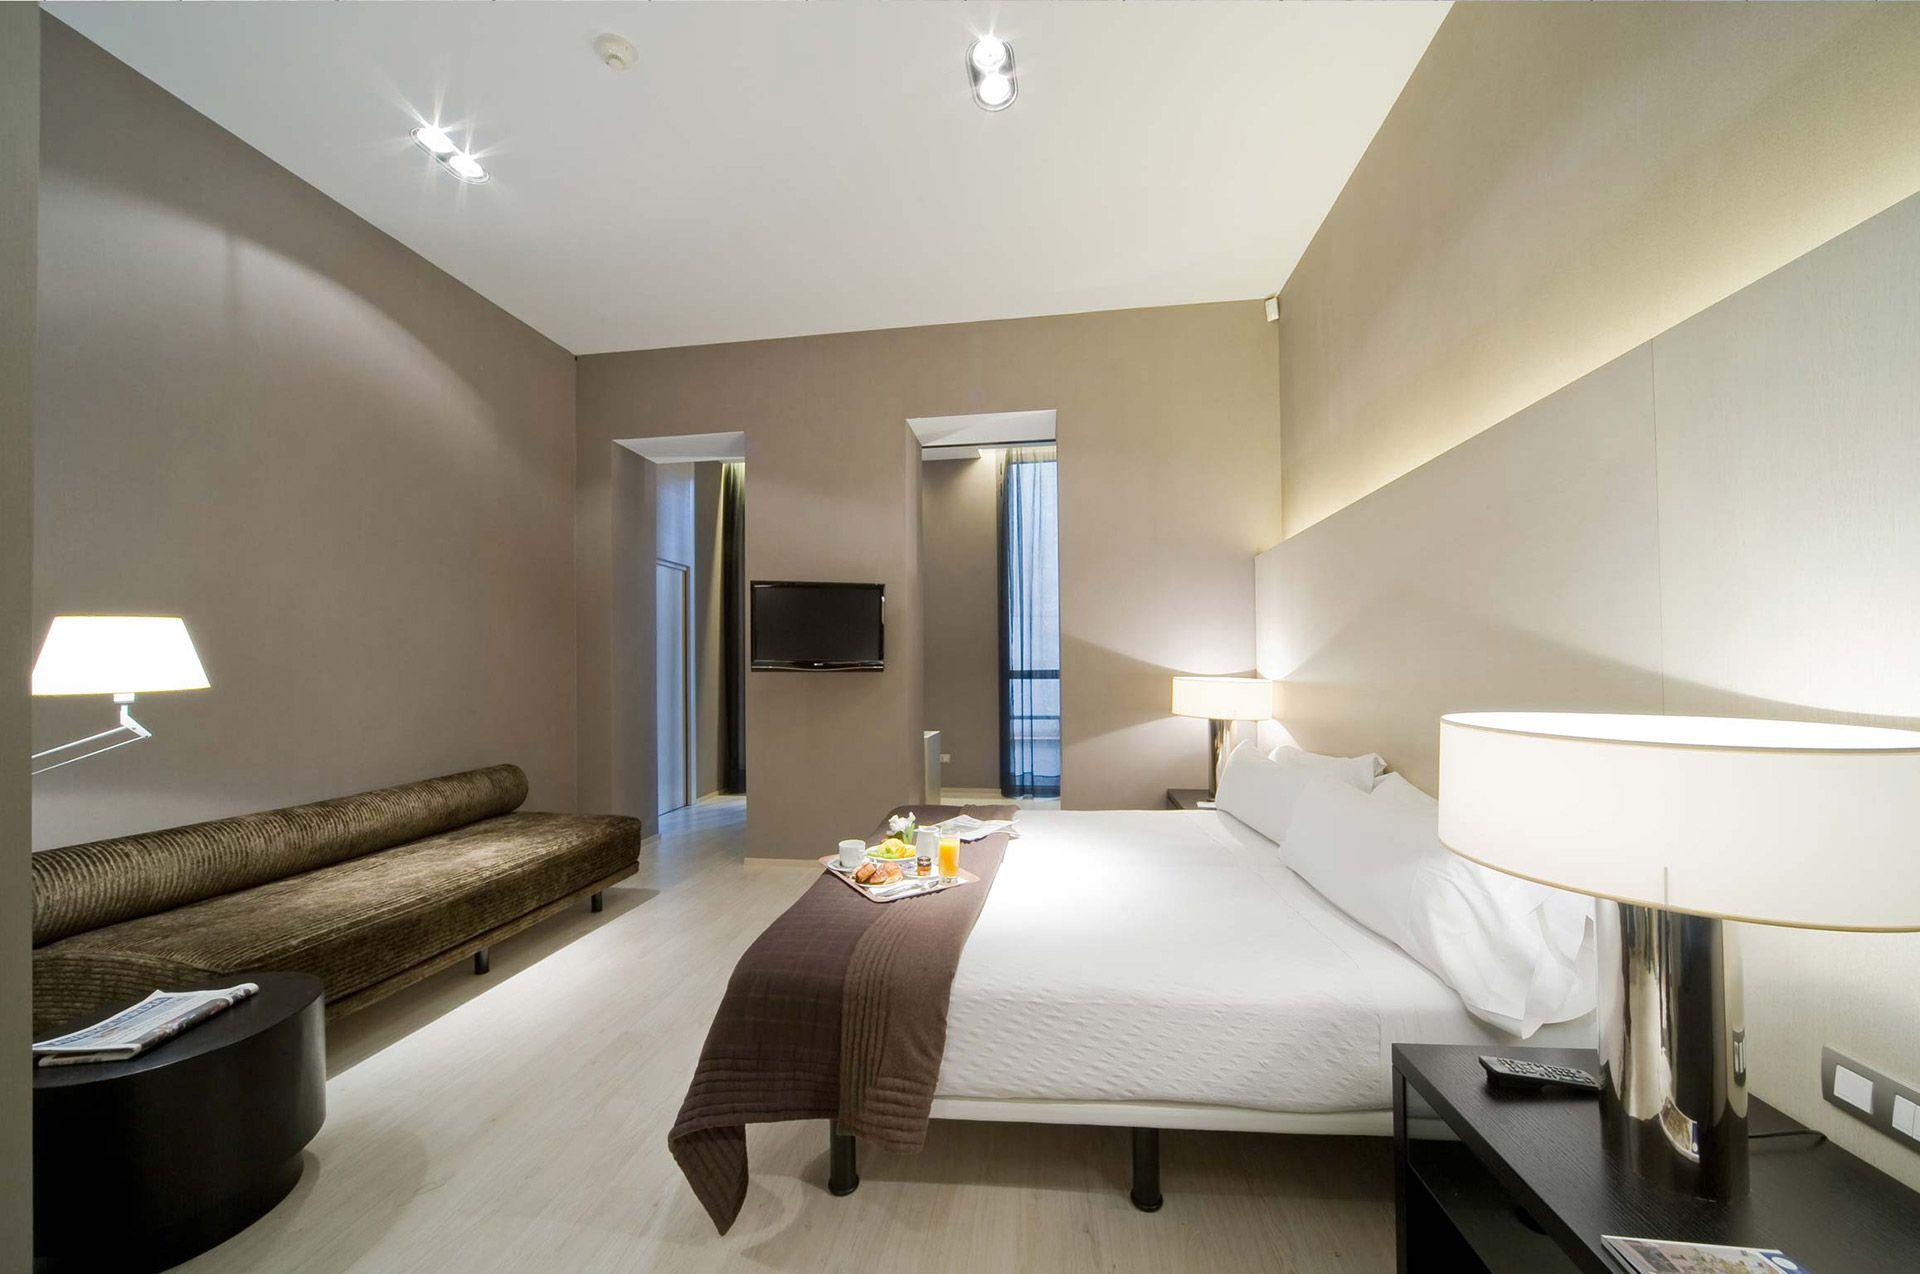 Habitaciones familiares en barcelona actual hotel boutique for Hoteles con habitaciones familiares